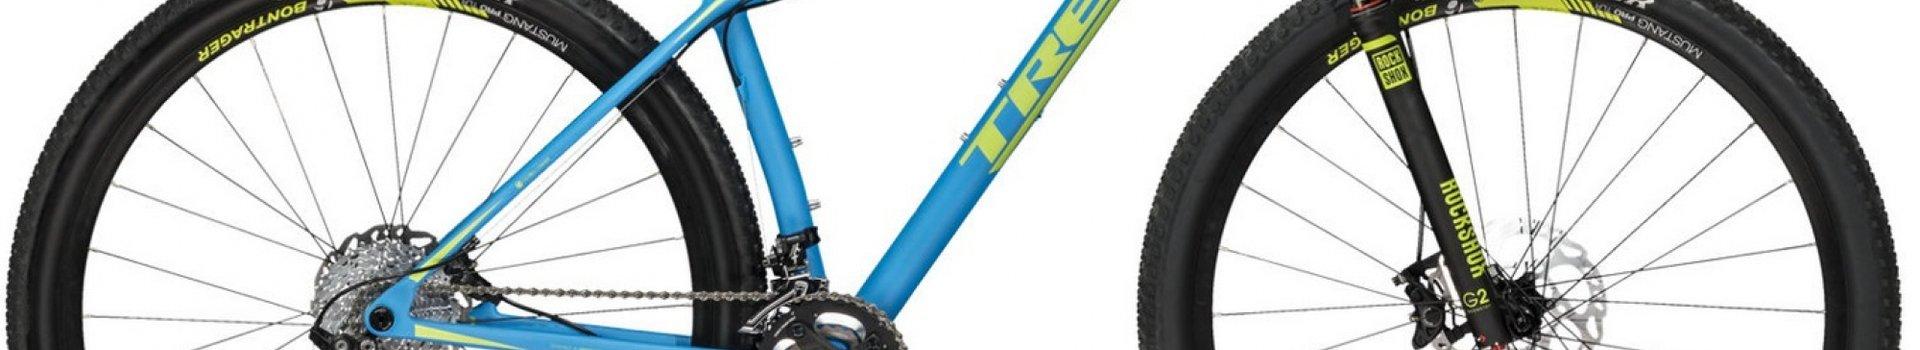 Atuty rowerów 29erów